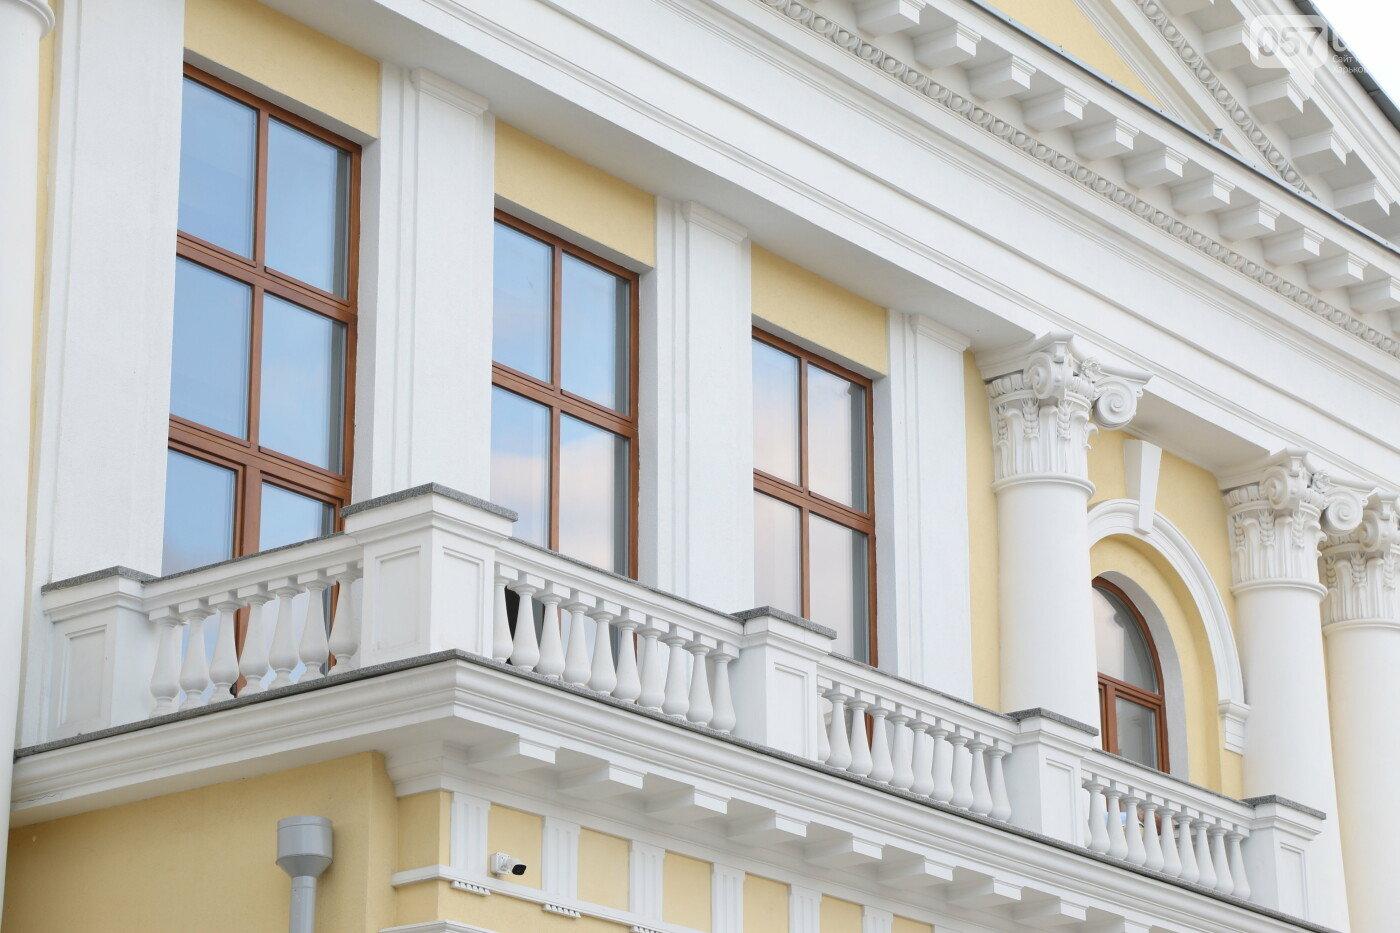 Старинная гостиница, особняк и филармония: ТОП-5 отреставрированных памятников архитектуры в Харькове, - ФОТО, фото-5